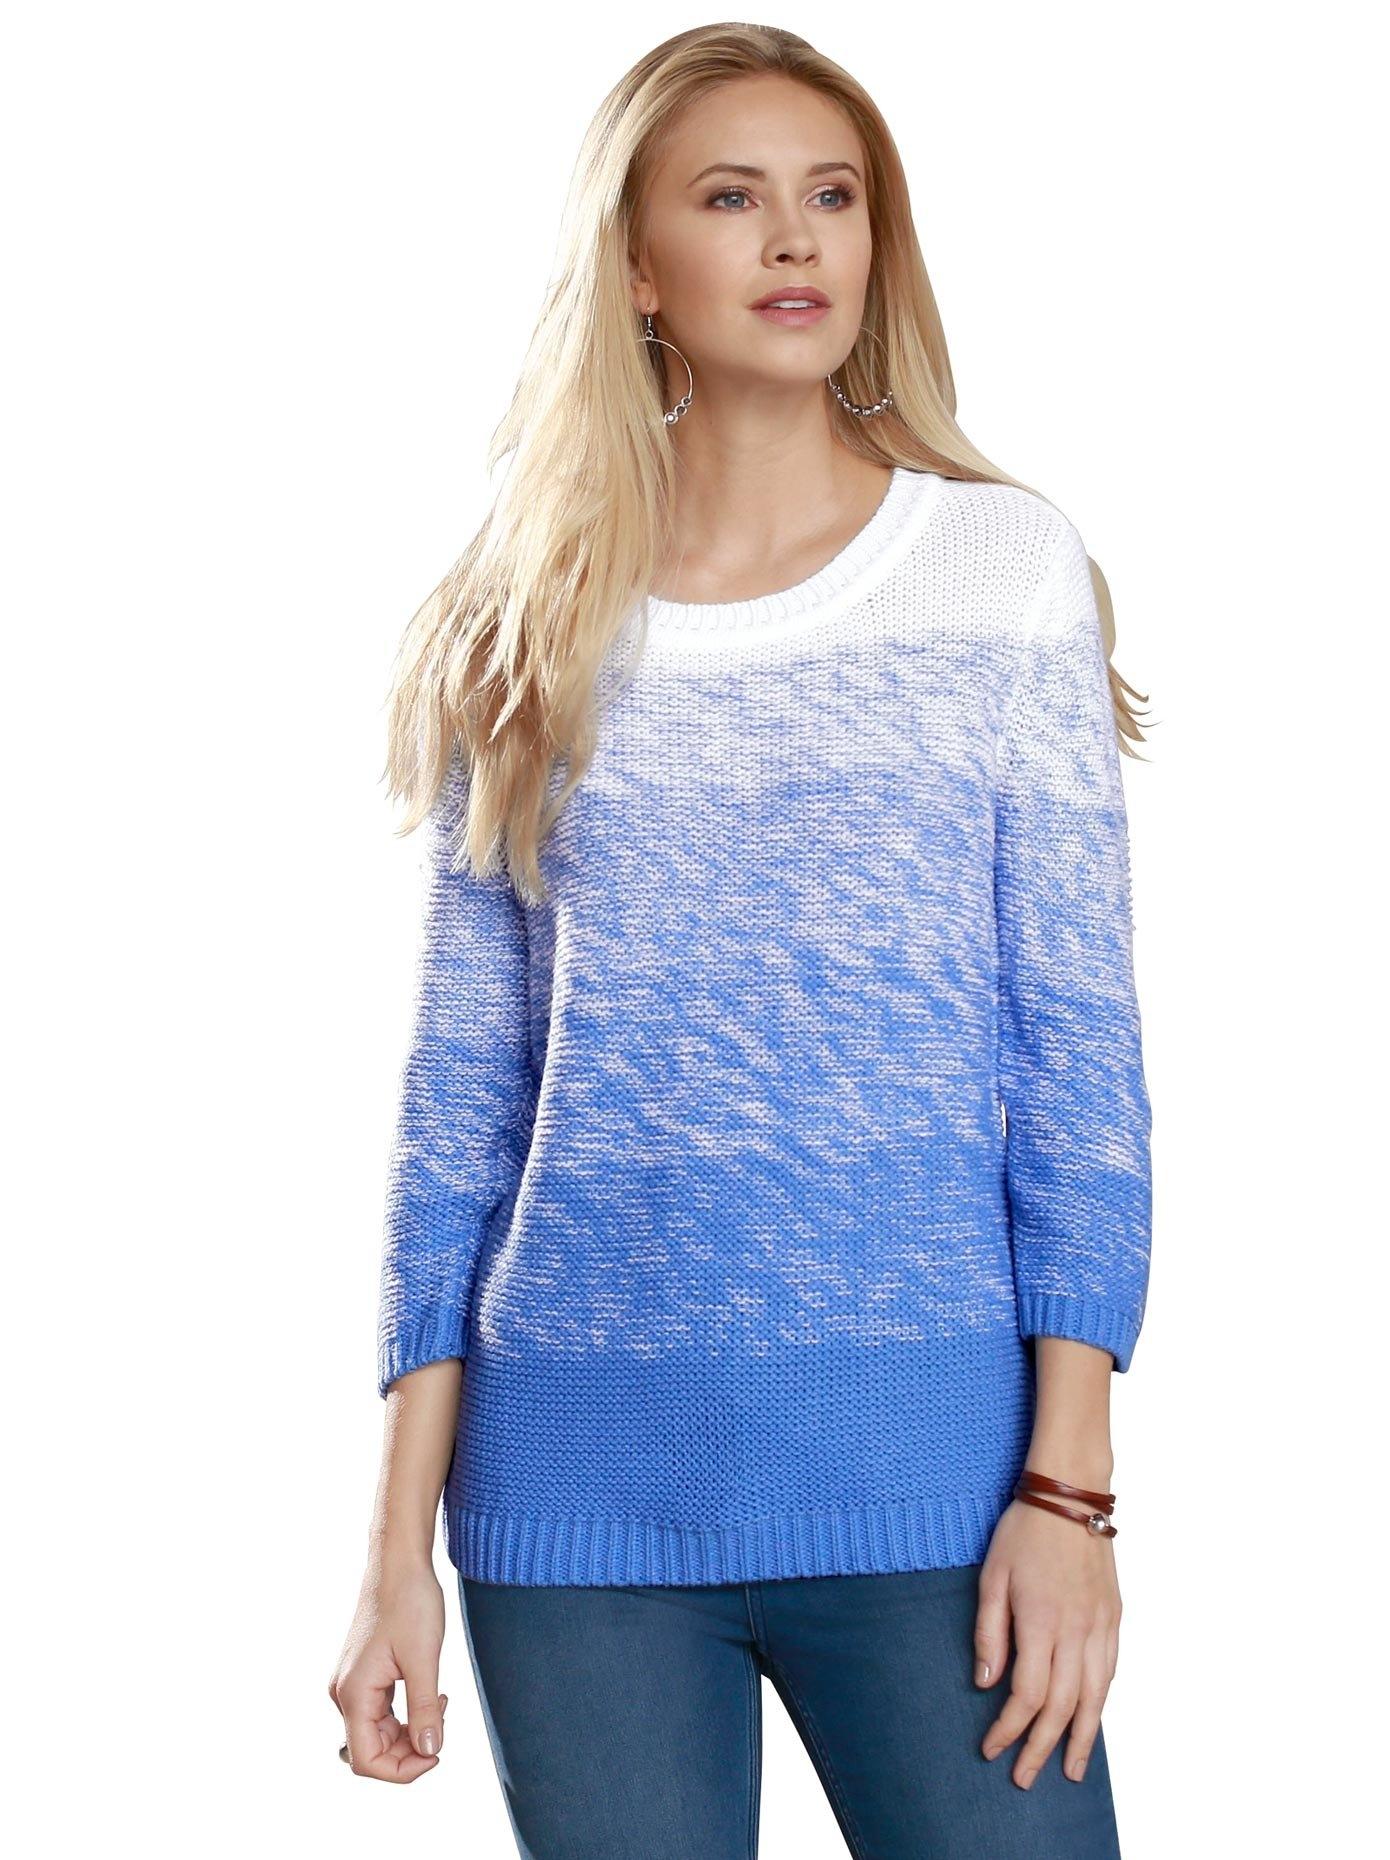 Classic Basics trui in prachtig kleurverloop goedkoop op otto.nl kopen